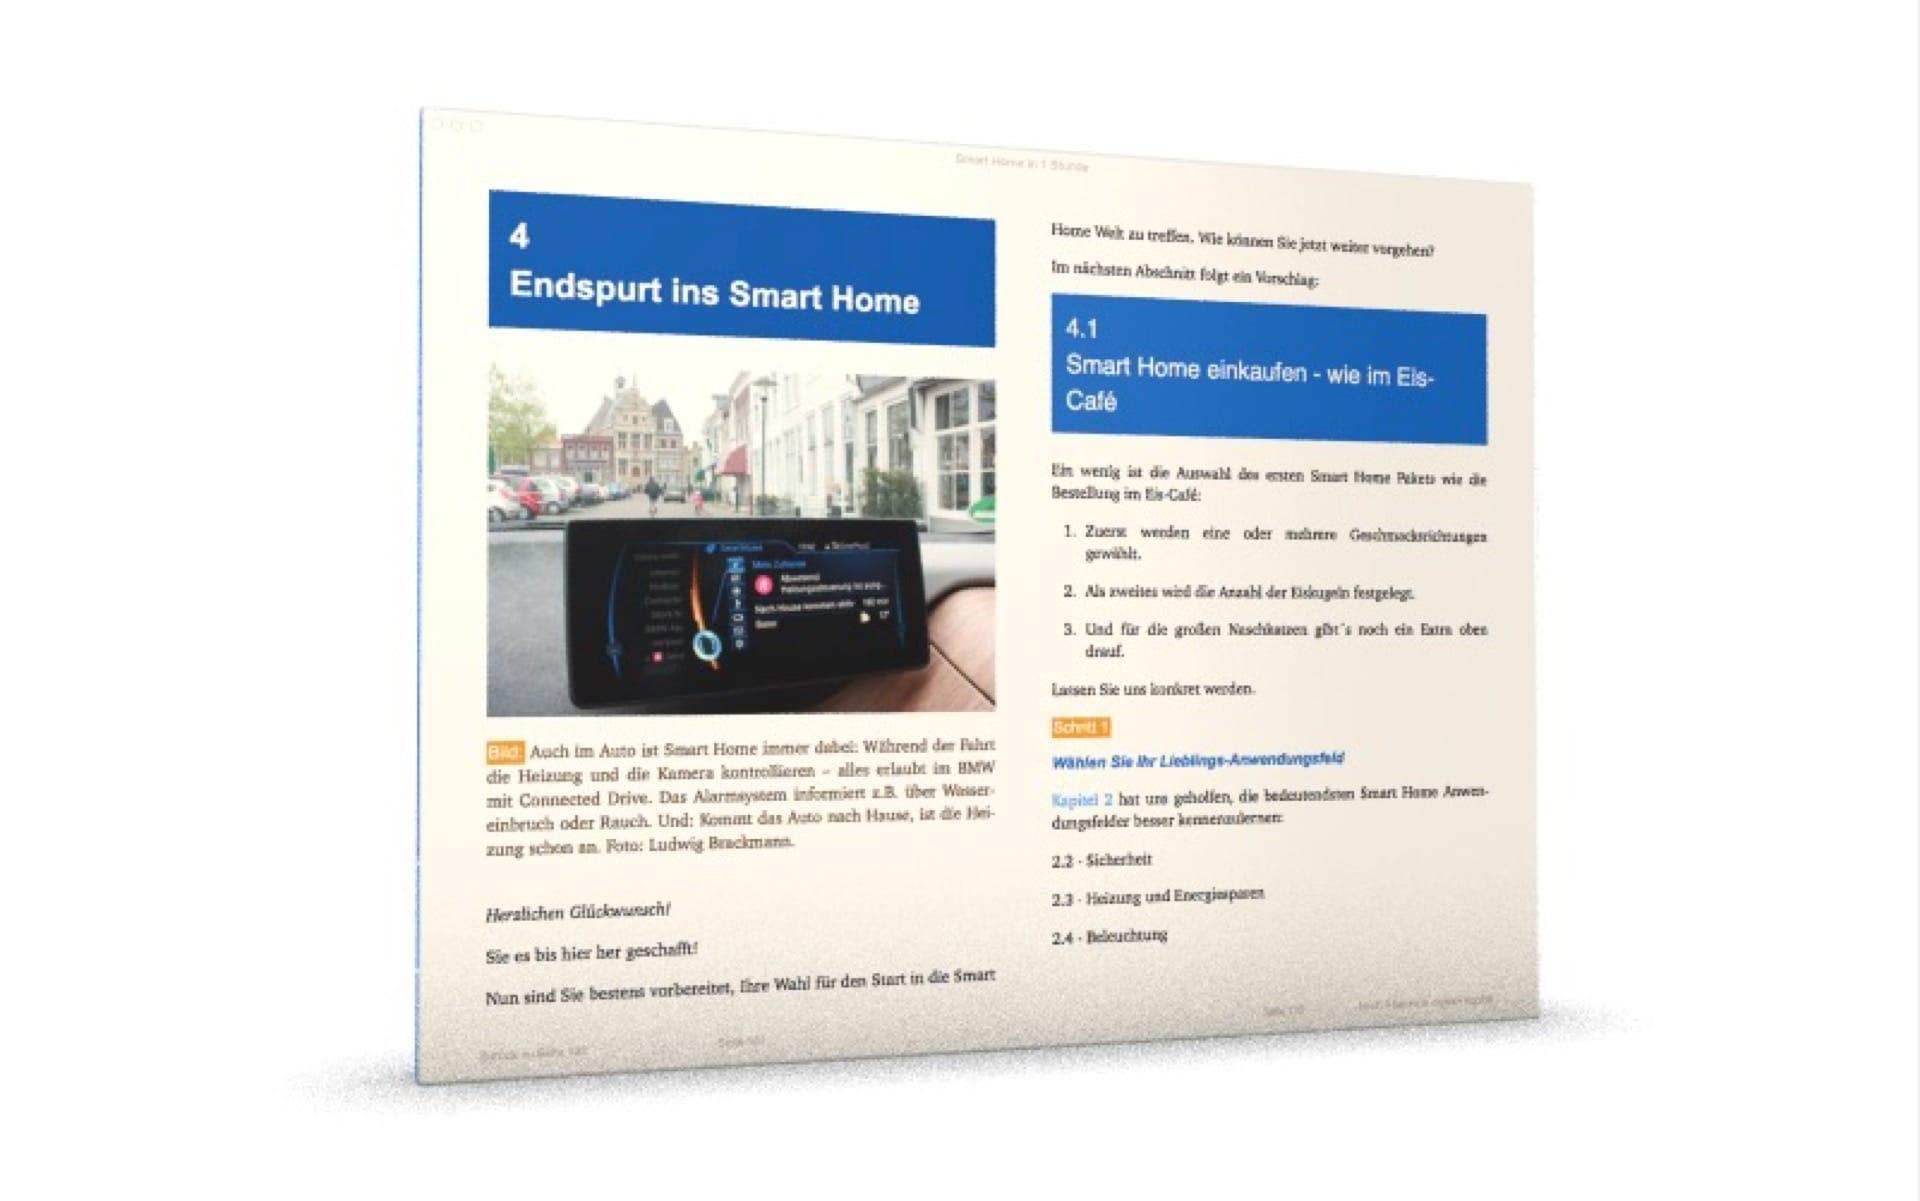 Smart Home Bedienung im Auto: Im BMW mit Connected Drive hat man auch sein Zuhause stets im Blick